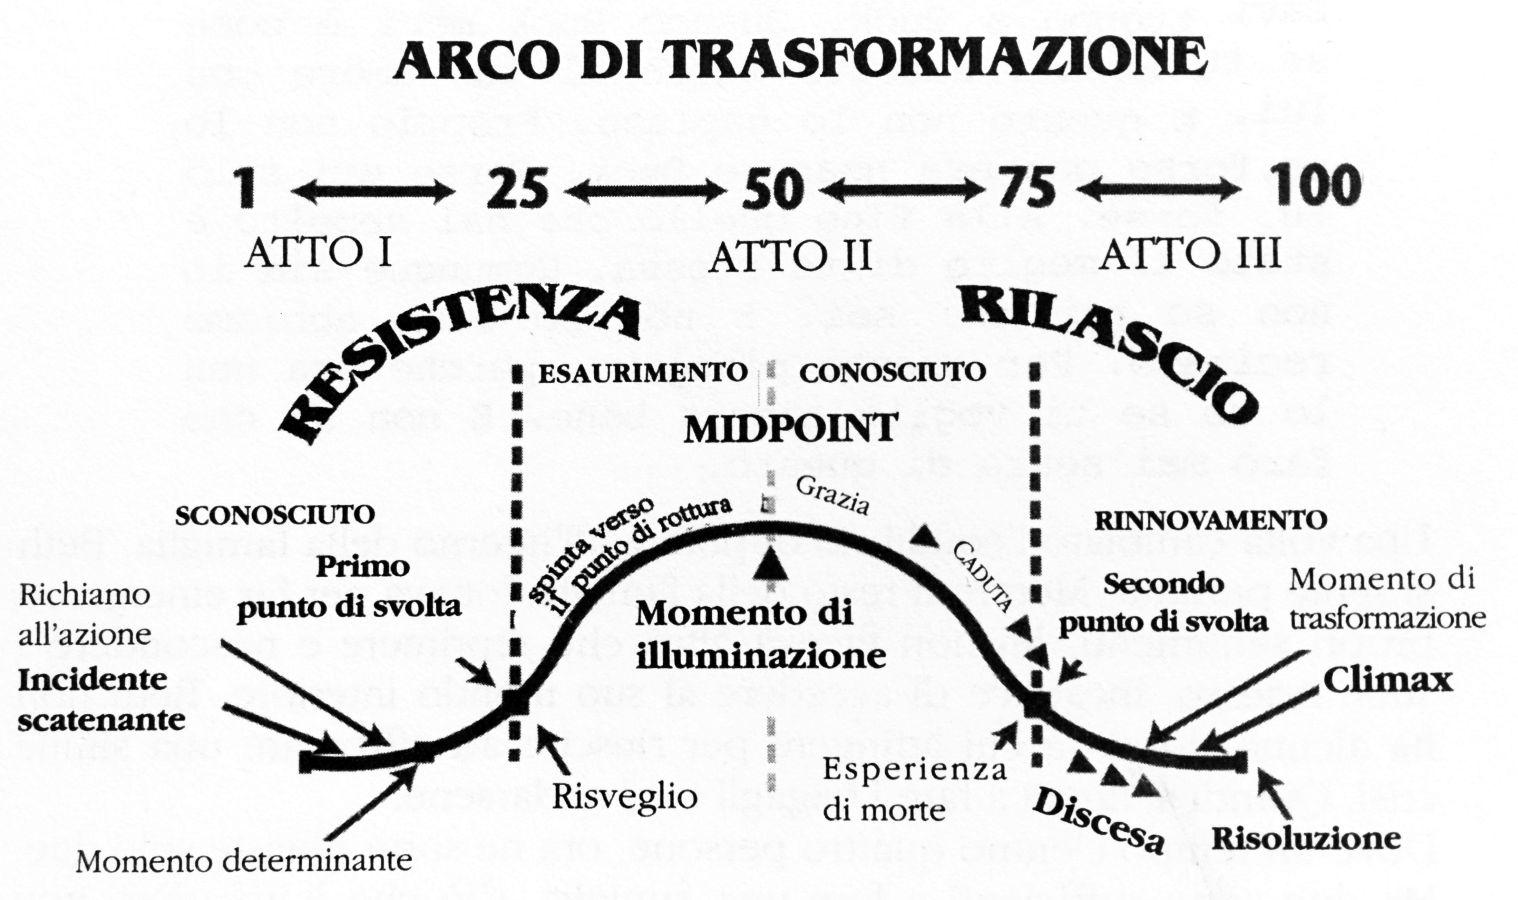 Arco di trasformazione